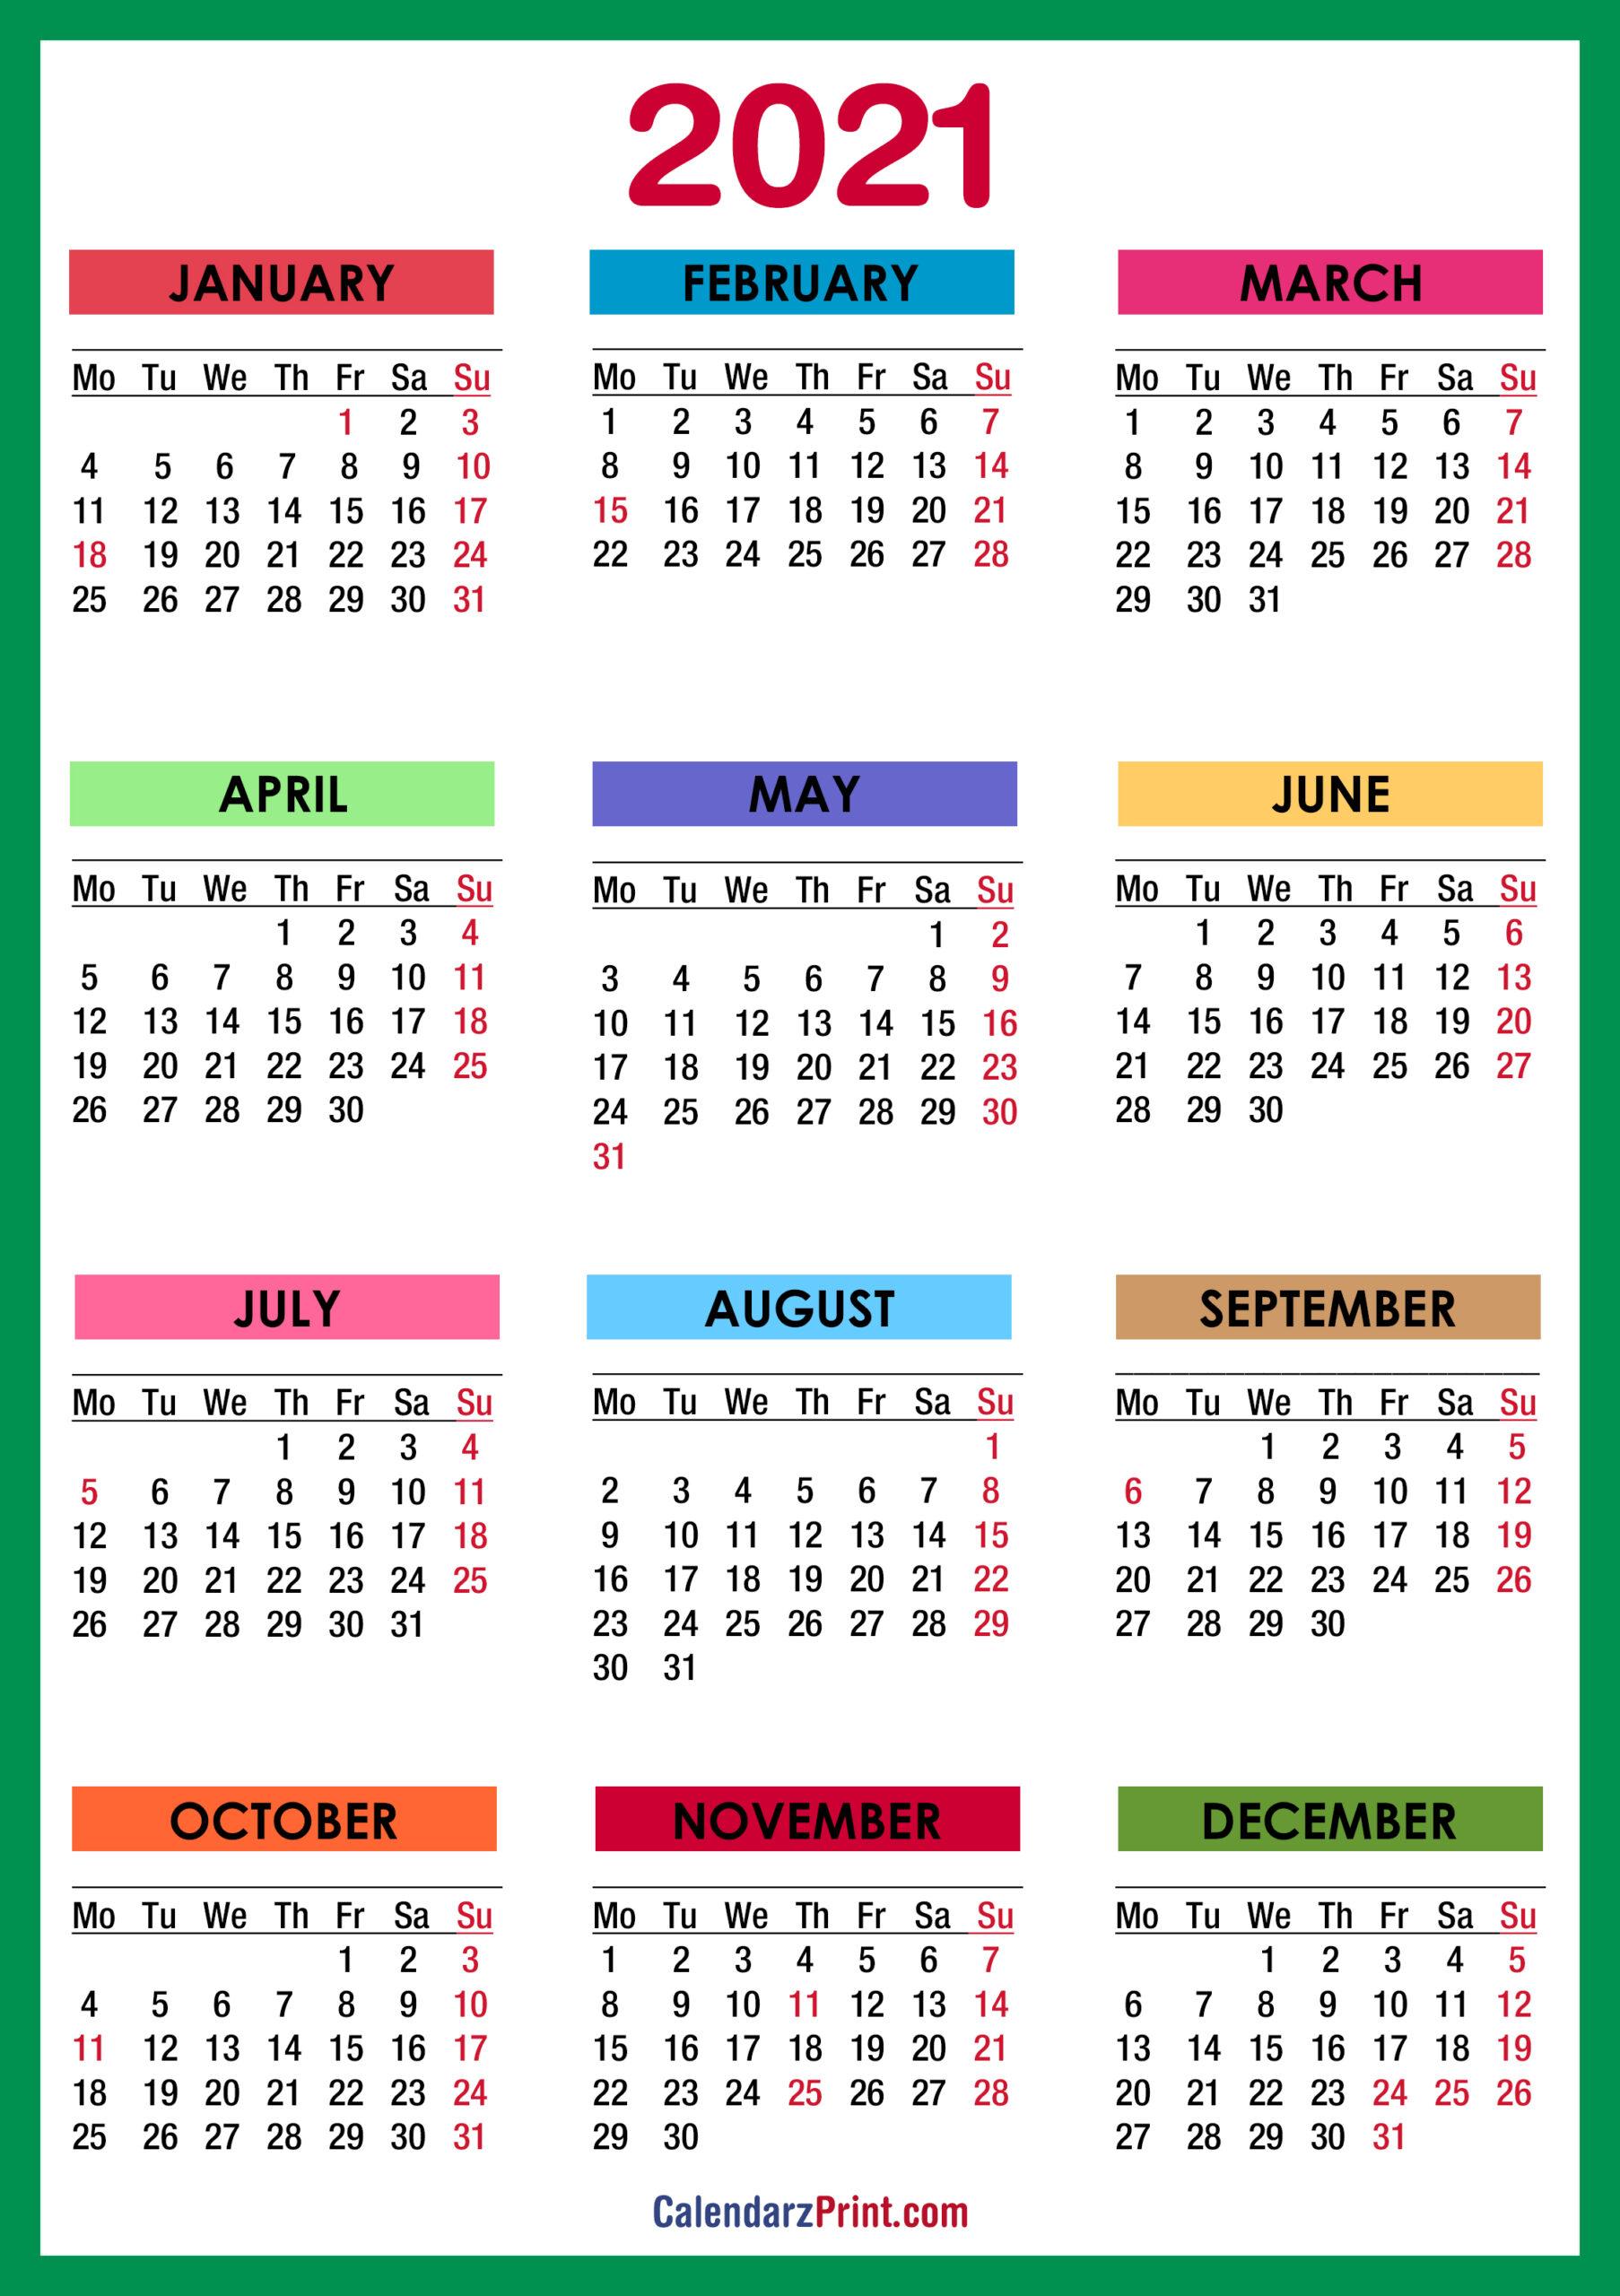 January 2021 Calendar Wallpaper Wallpaper Download 2021 : Printable Cute January 2021 Calendar